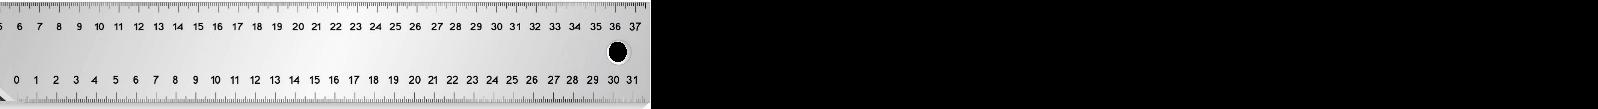 nodescription